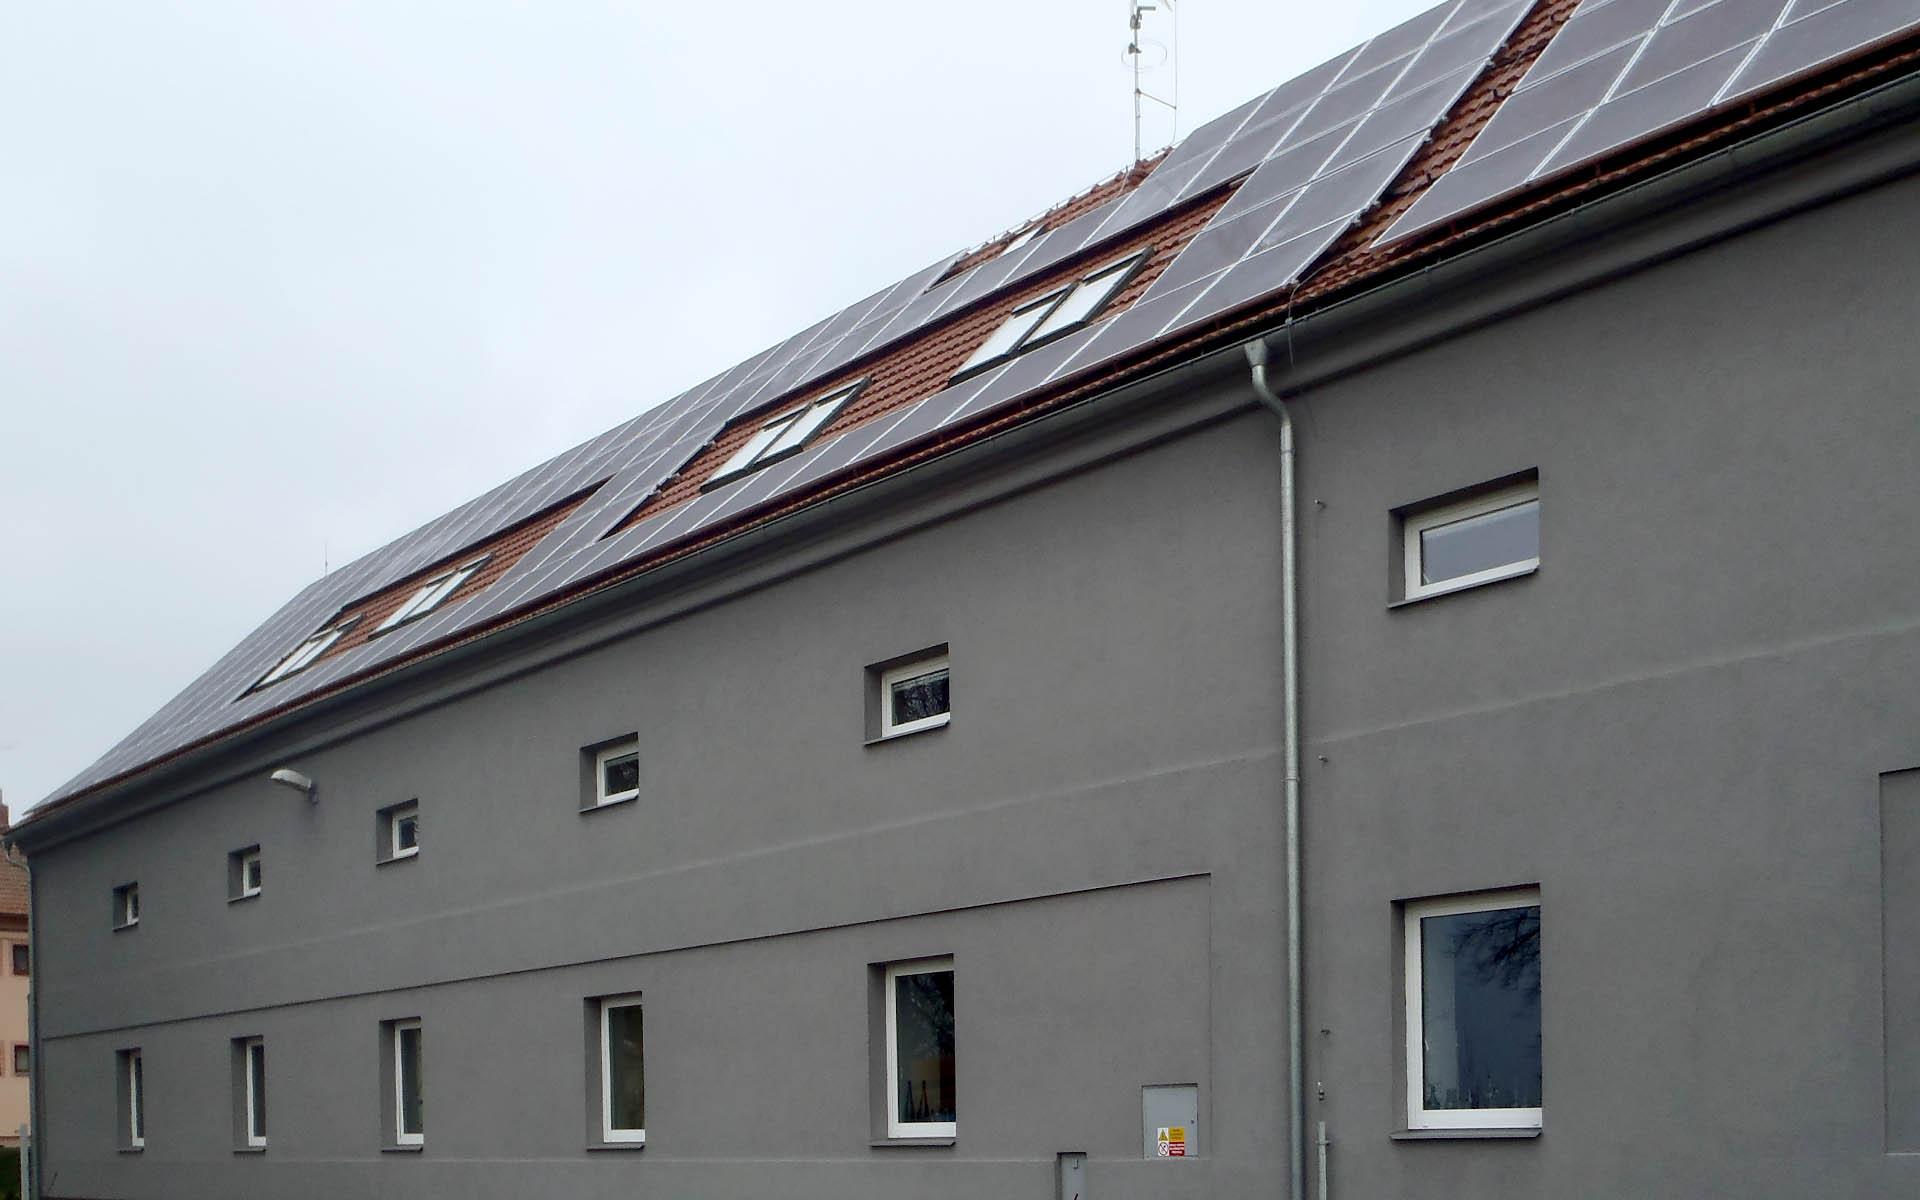 Rekonstruovaná historická budova reklamní agentury Q. Studio, Uherský Brod. Instalace fotovoltaické elektrárny o výkonu 23 kWp.